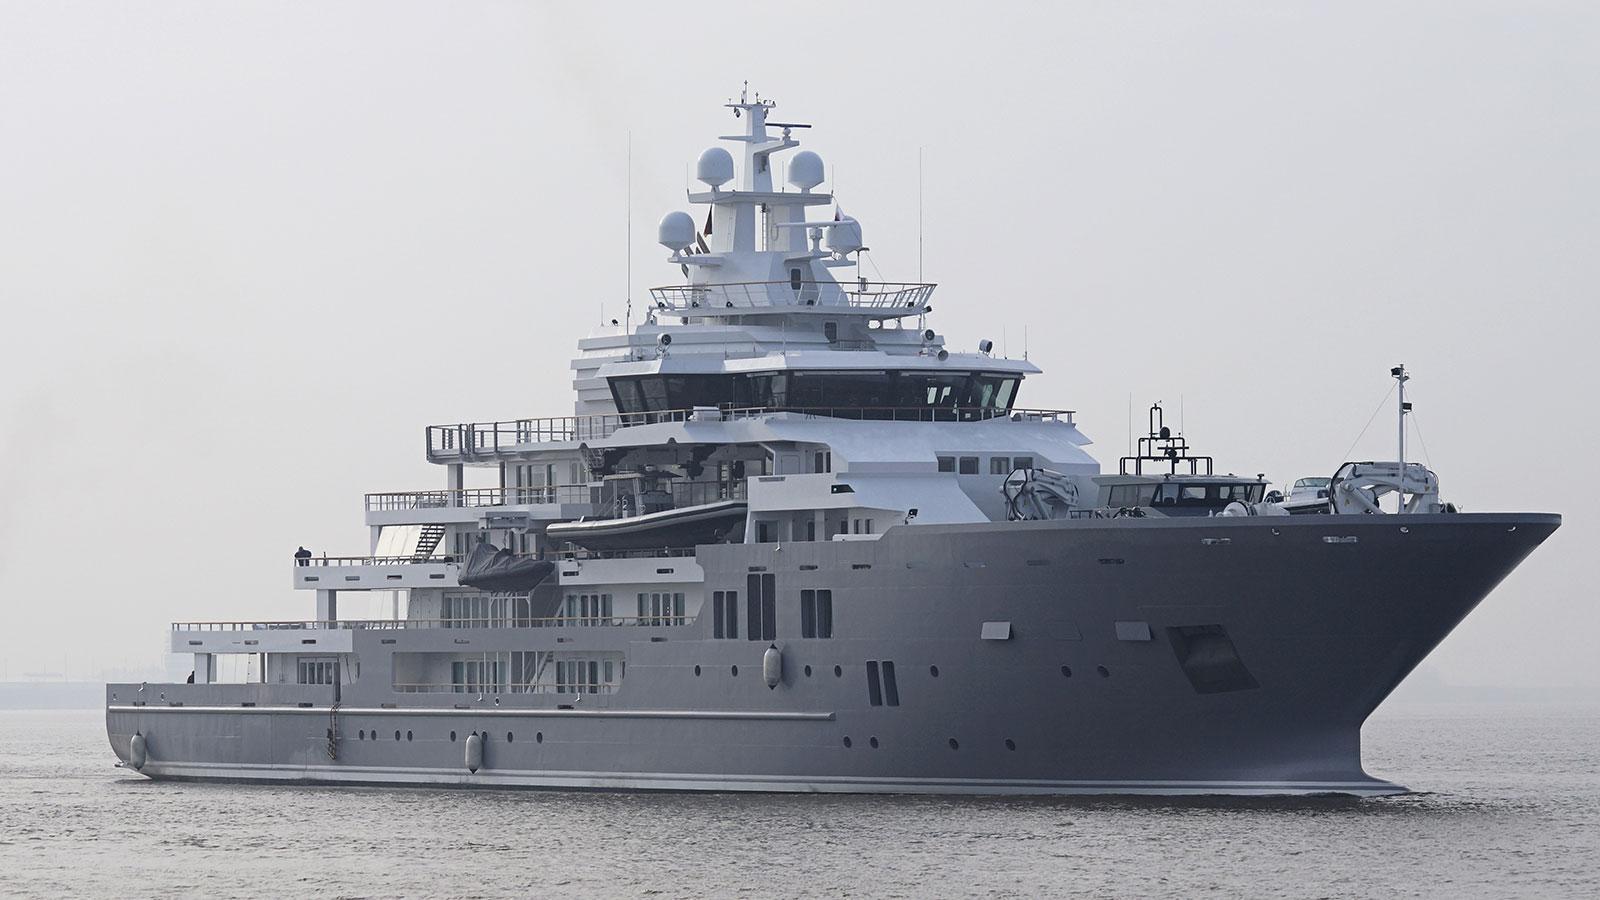 andromeda-ulysses-explorer-yacht-kleven-2015-107m-half-profile